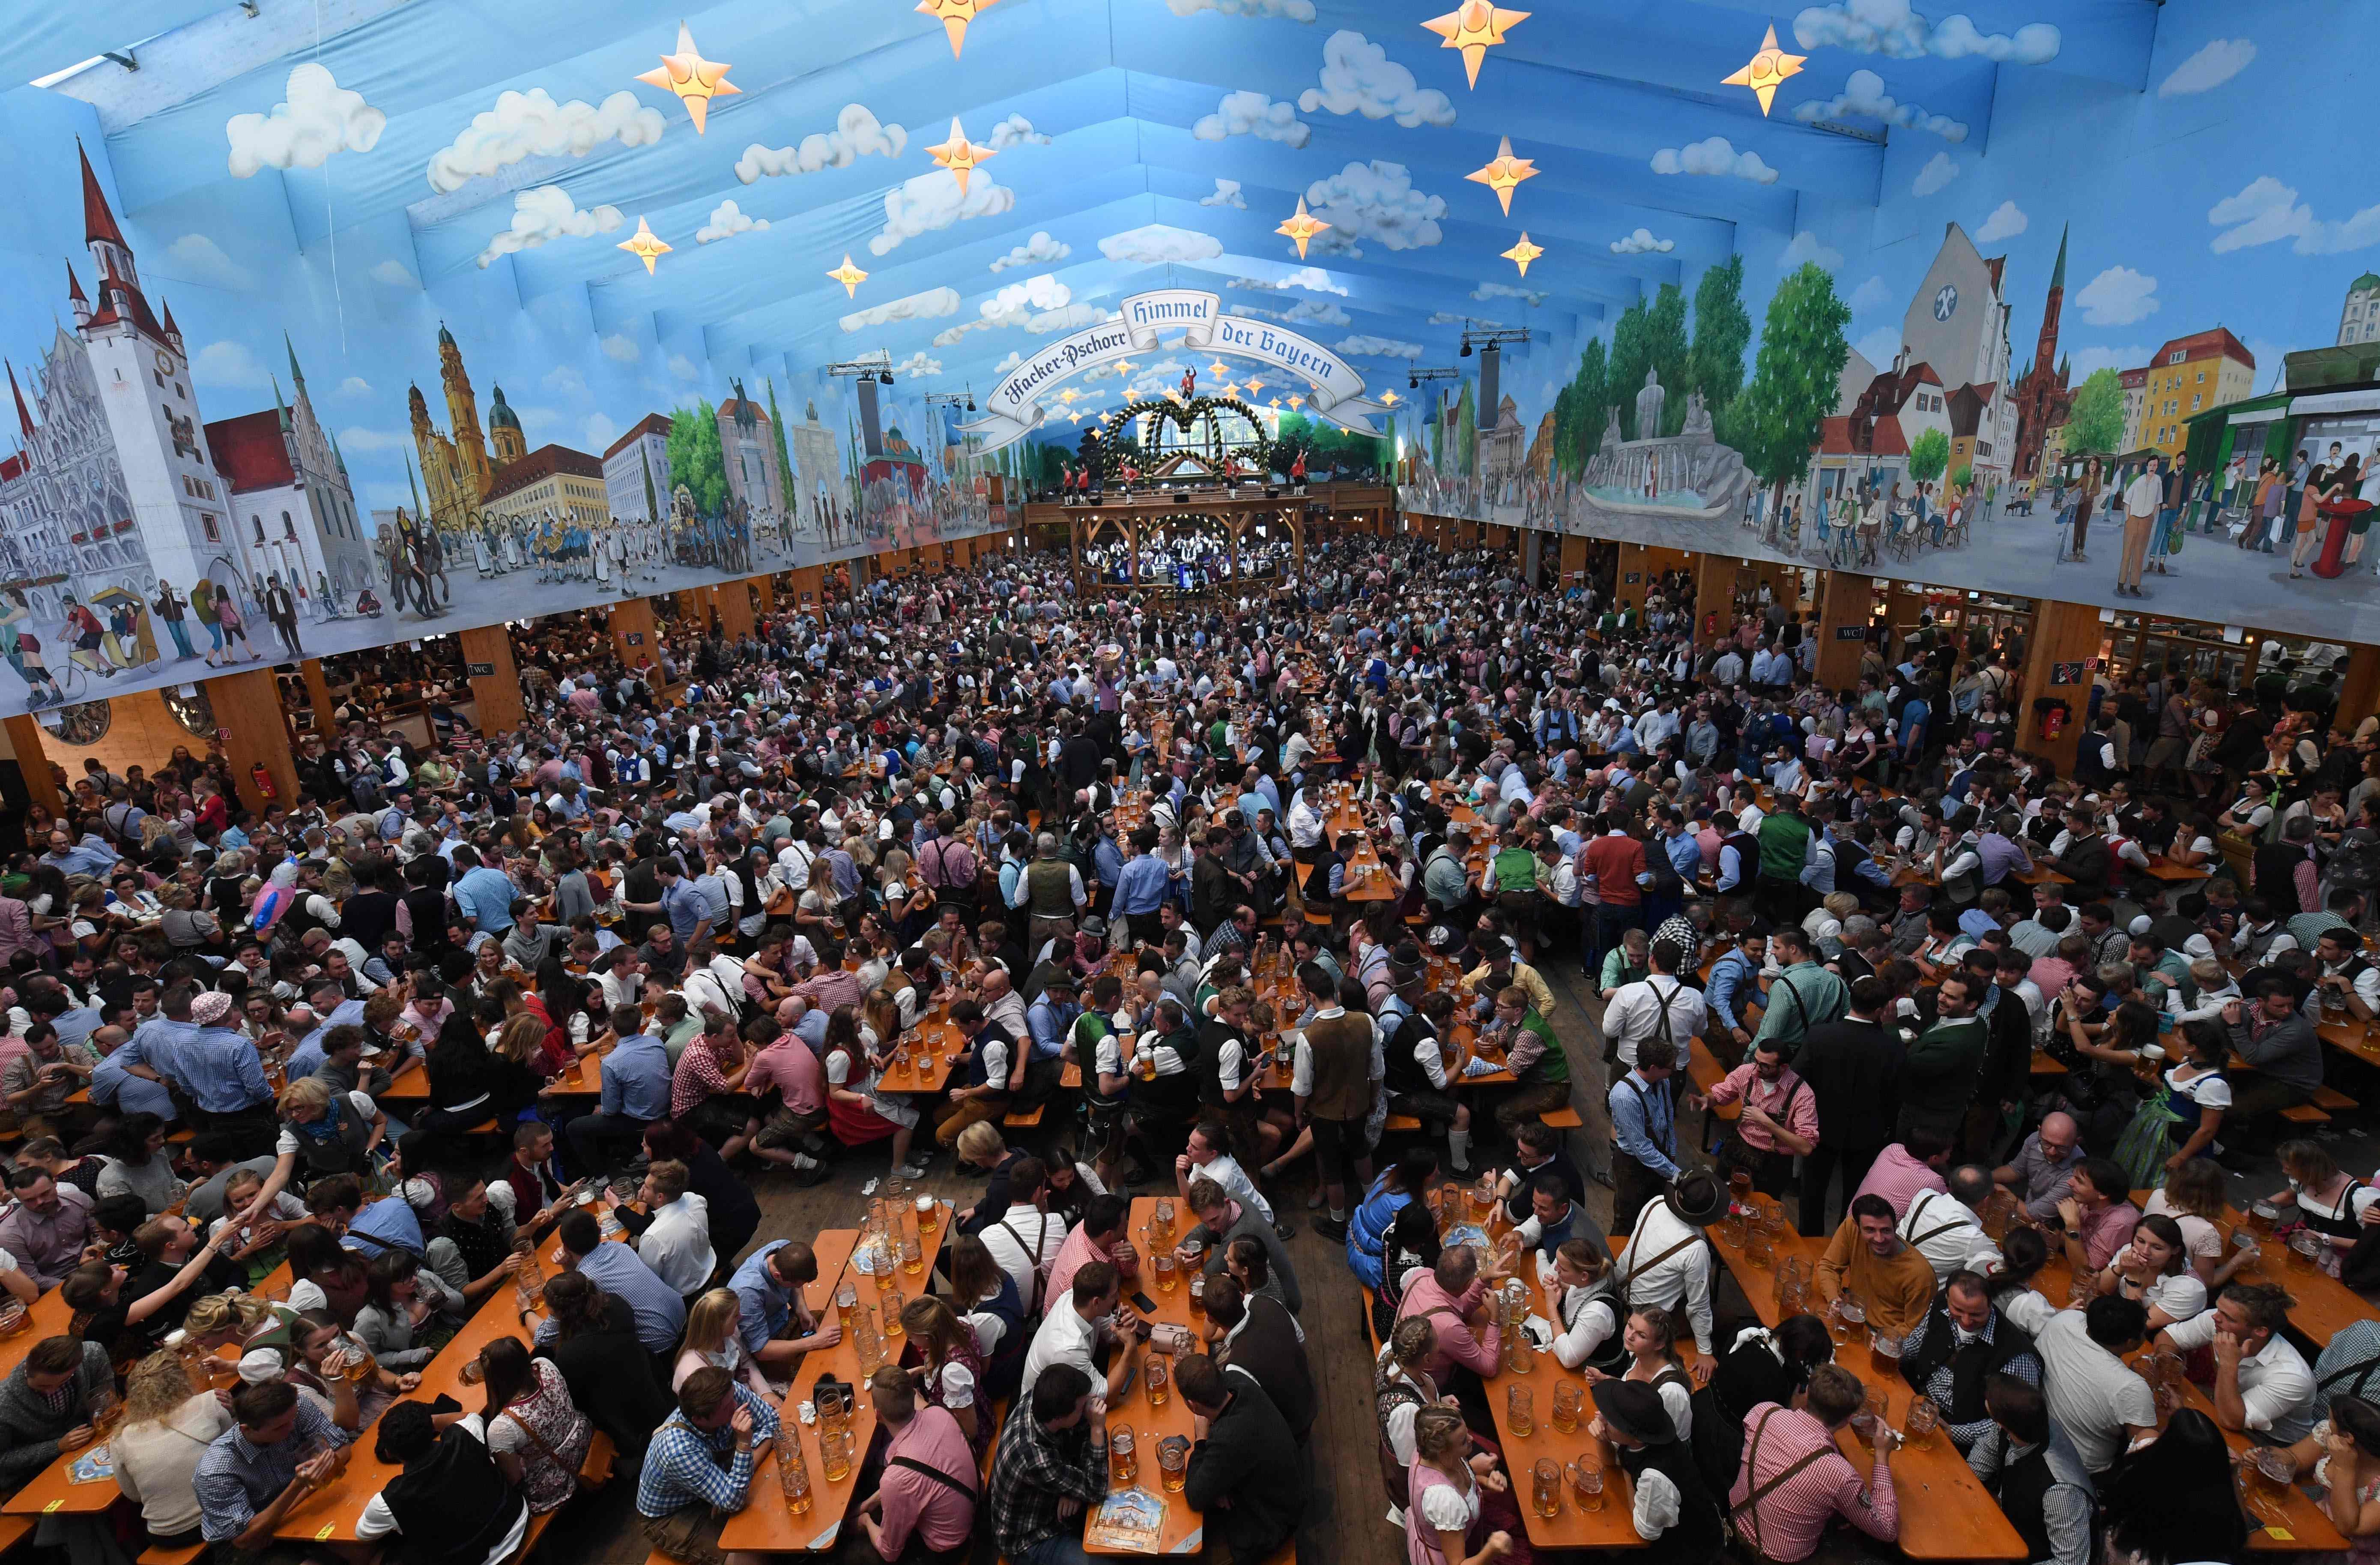 (外代一线)(6)德国慕尼黑啤酒节盛况-FZ00031972081.jpg